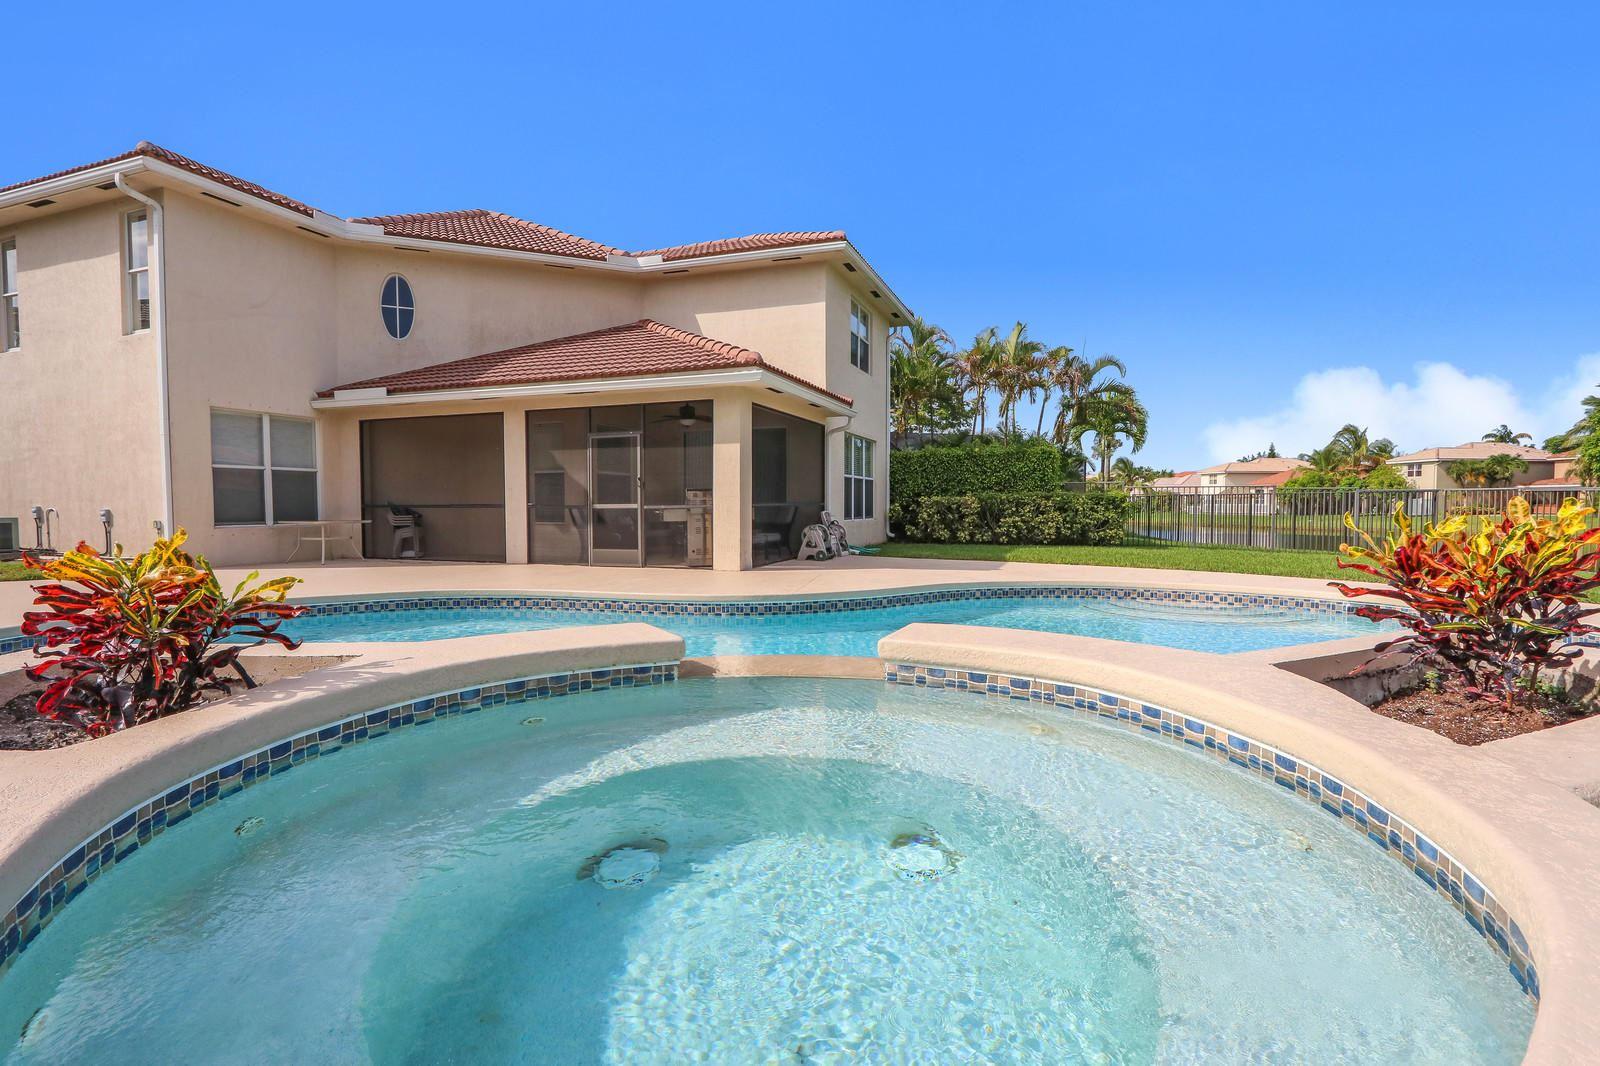 6483 Paradise Cv Cove, West Palm Beach, FL 33411 - #: RX-10611330